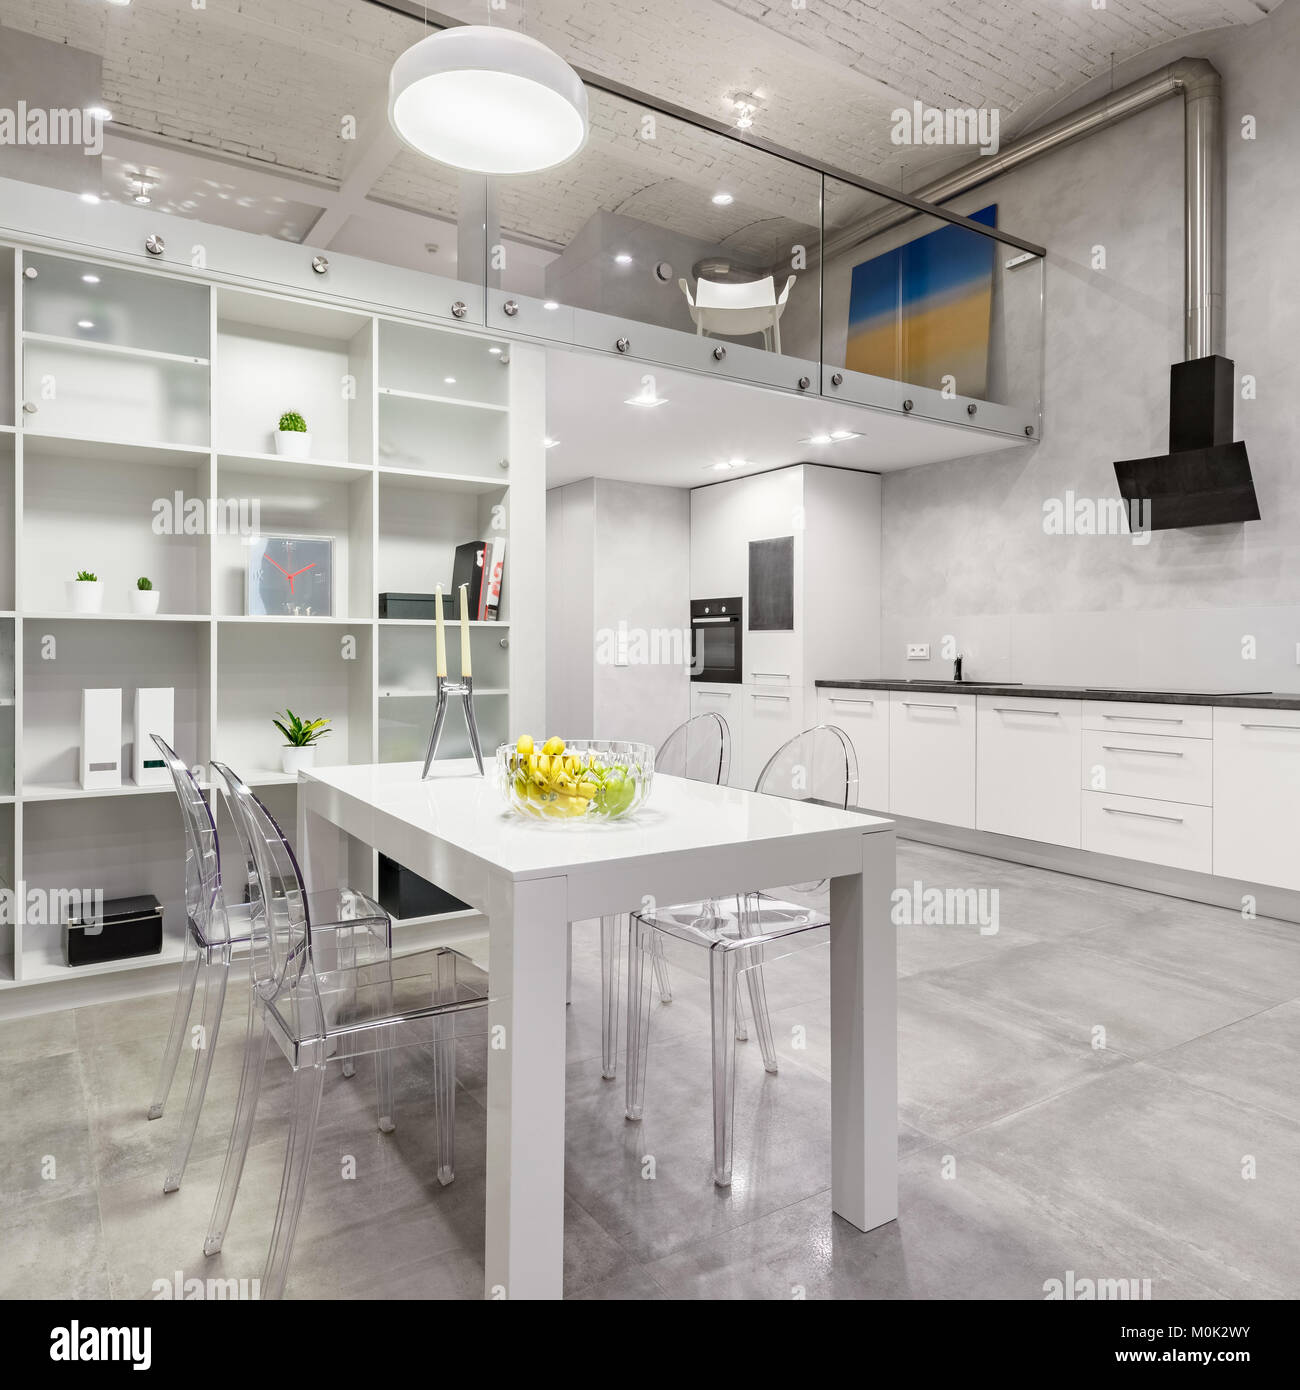 Tavolo E Sedie Trasparenti.Mezzanine Apartment Immagini Mezzanine Apartment Fotos Stock Alamy